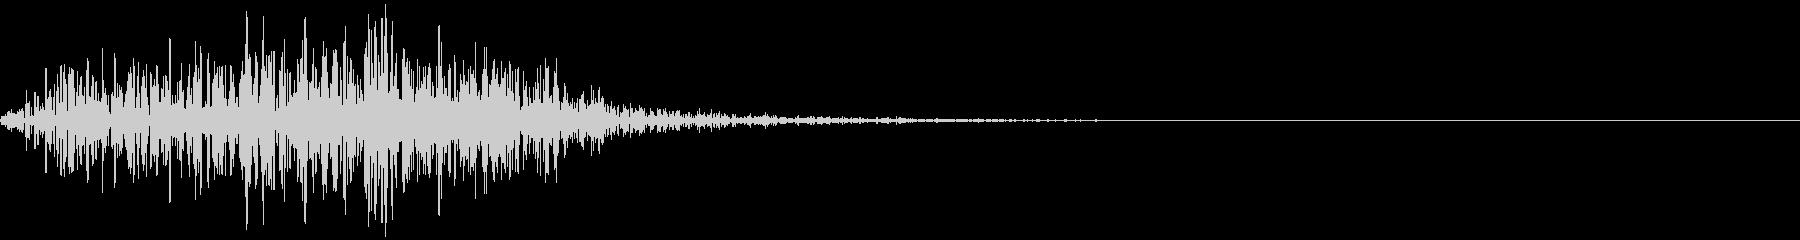 LC IMPフレーム8Bの未再生の波形